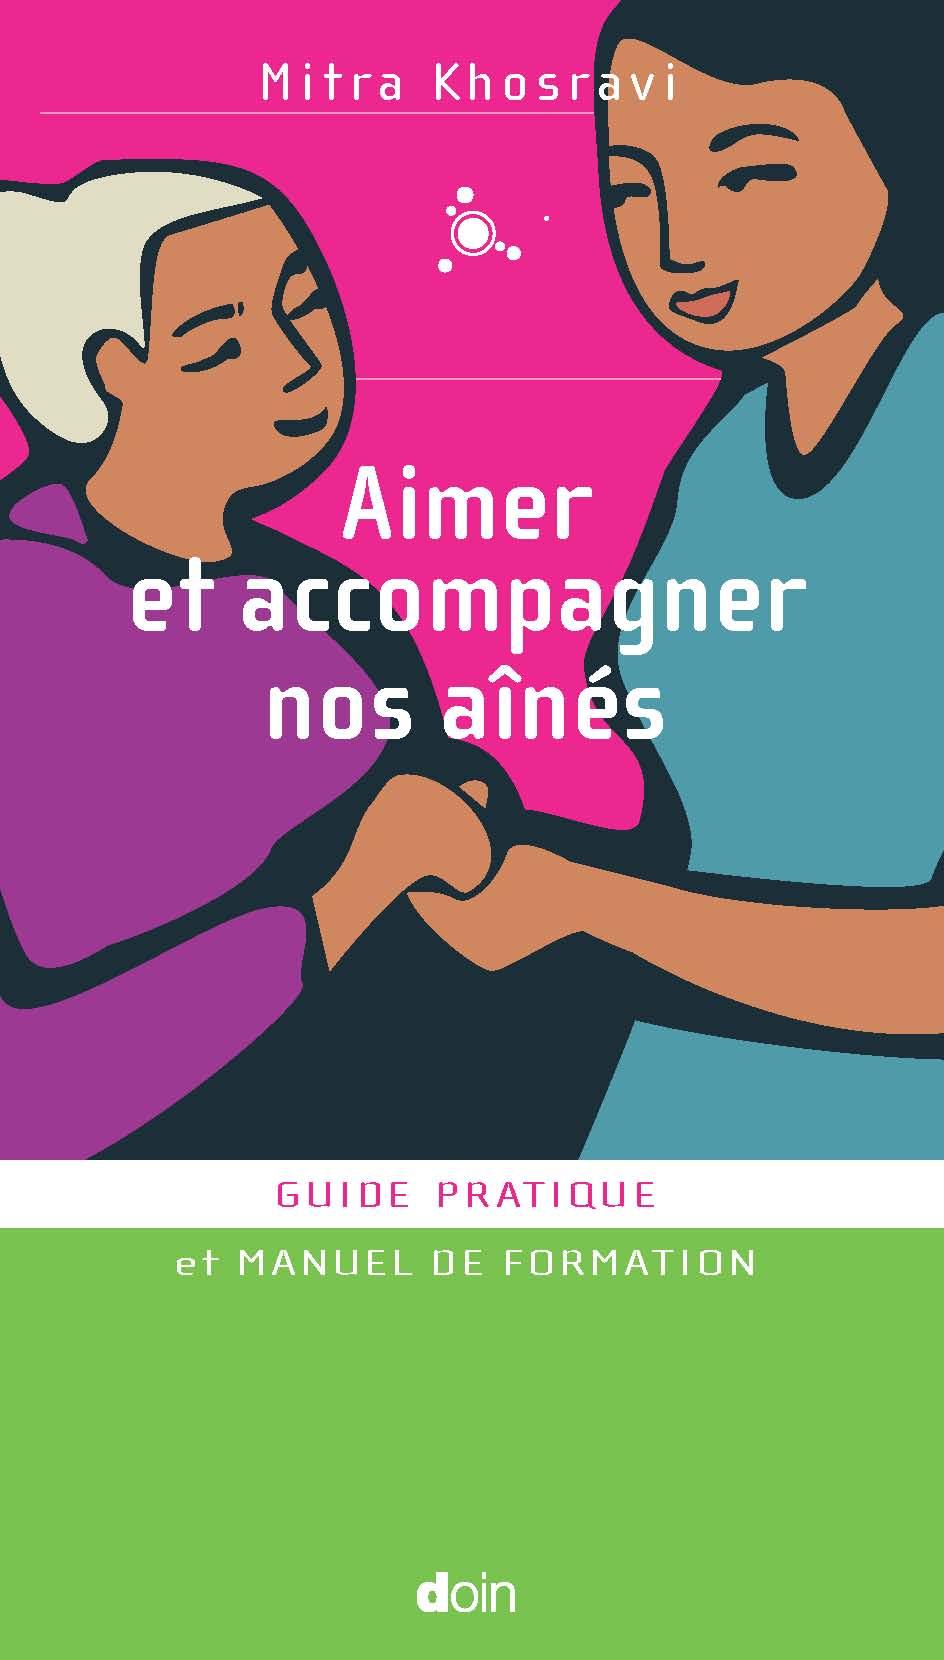 Aimer et accompagner nos aînés. Guide pratique et manuel de formation